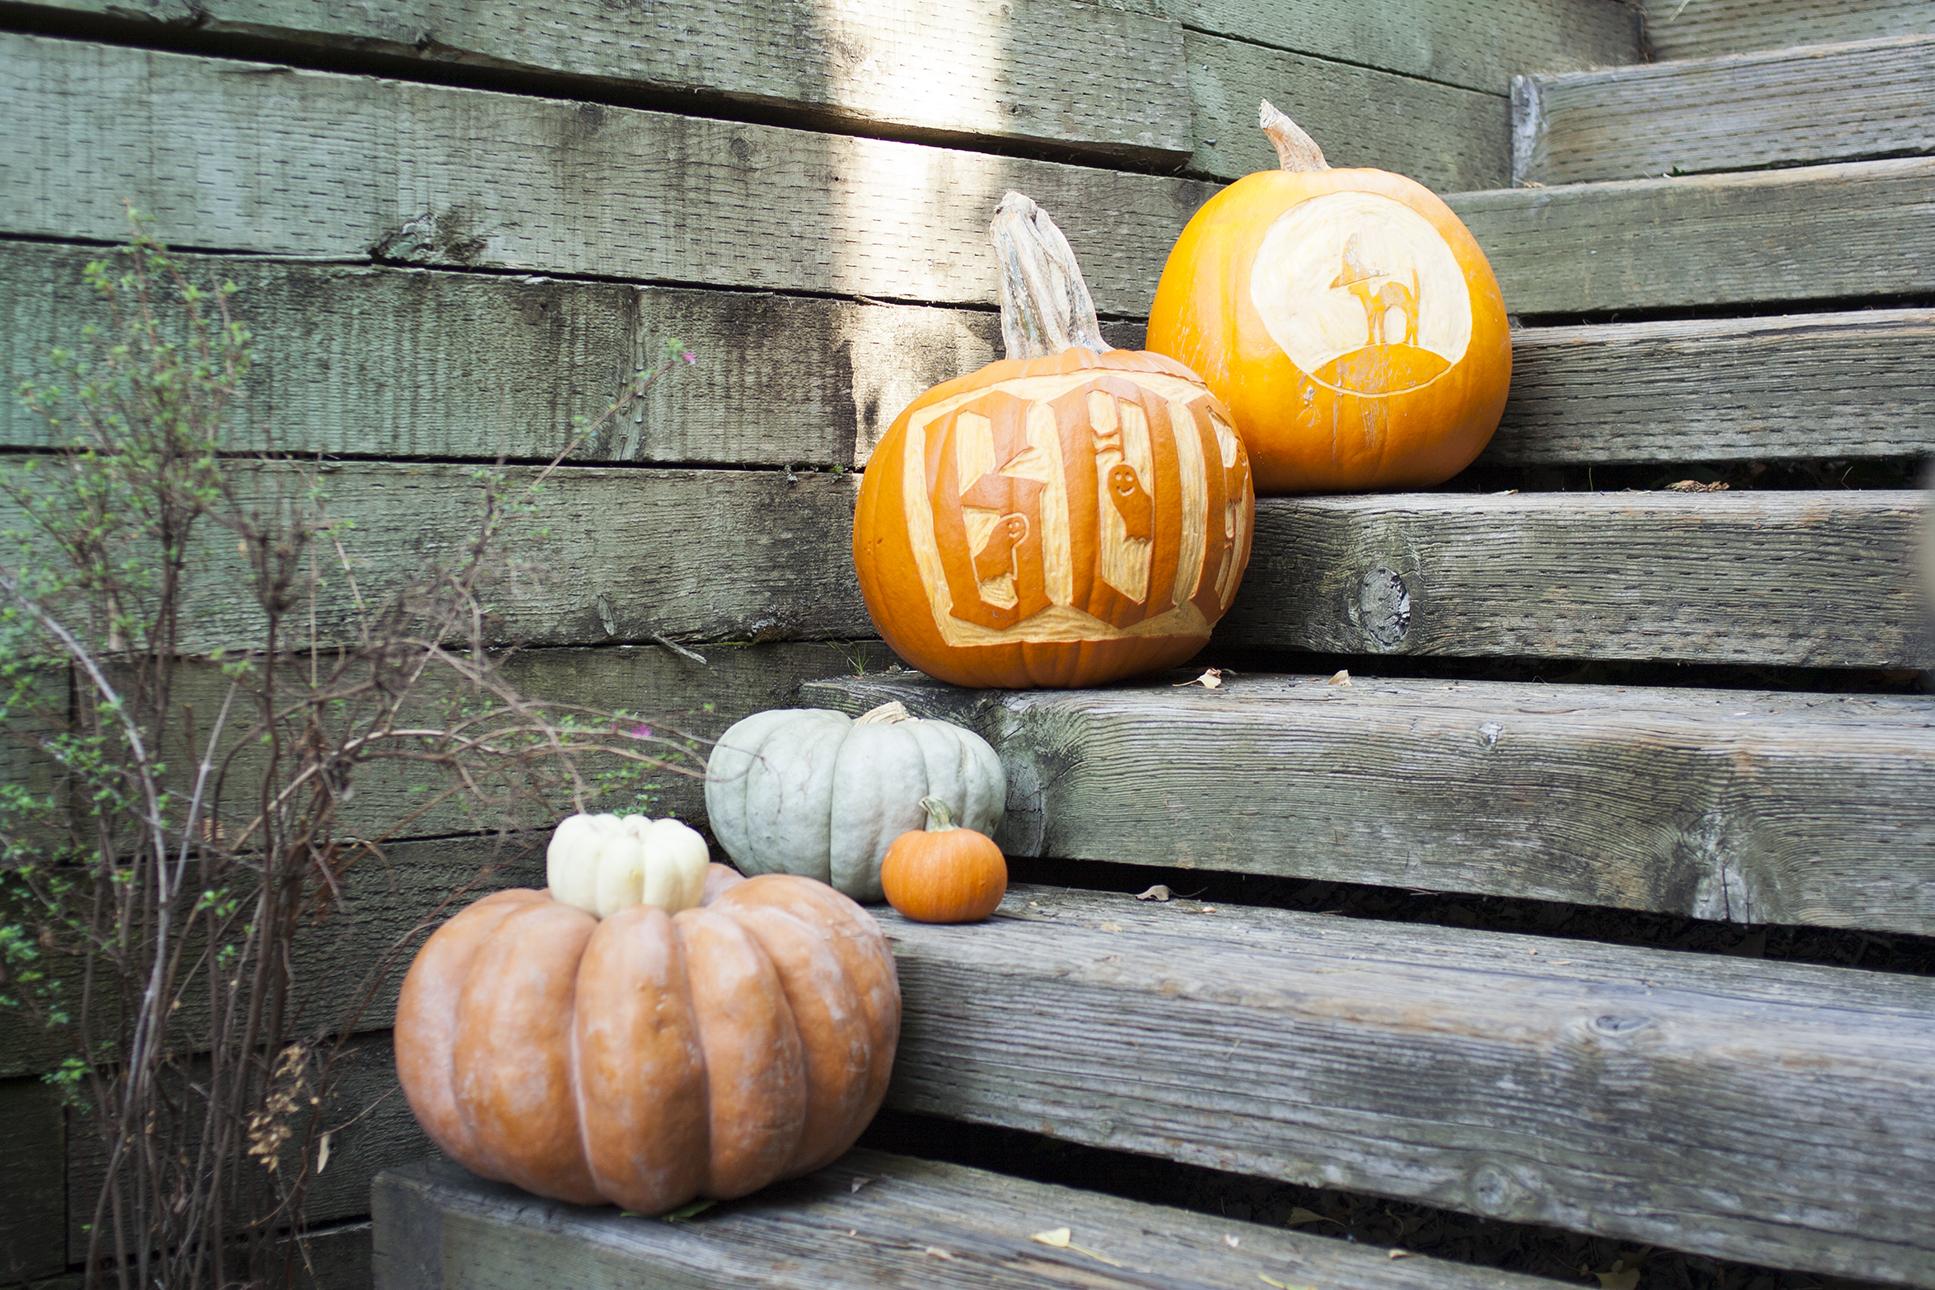 variety-of-pumpkins-on-doorstep.jpg